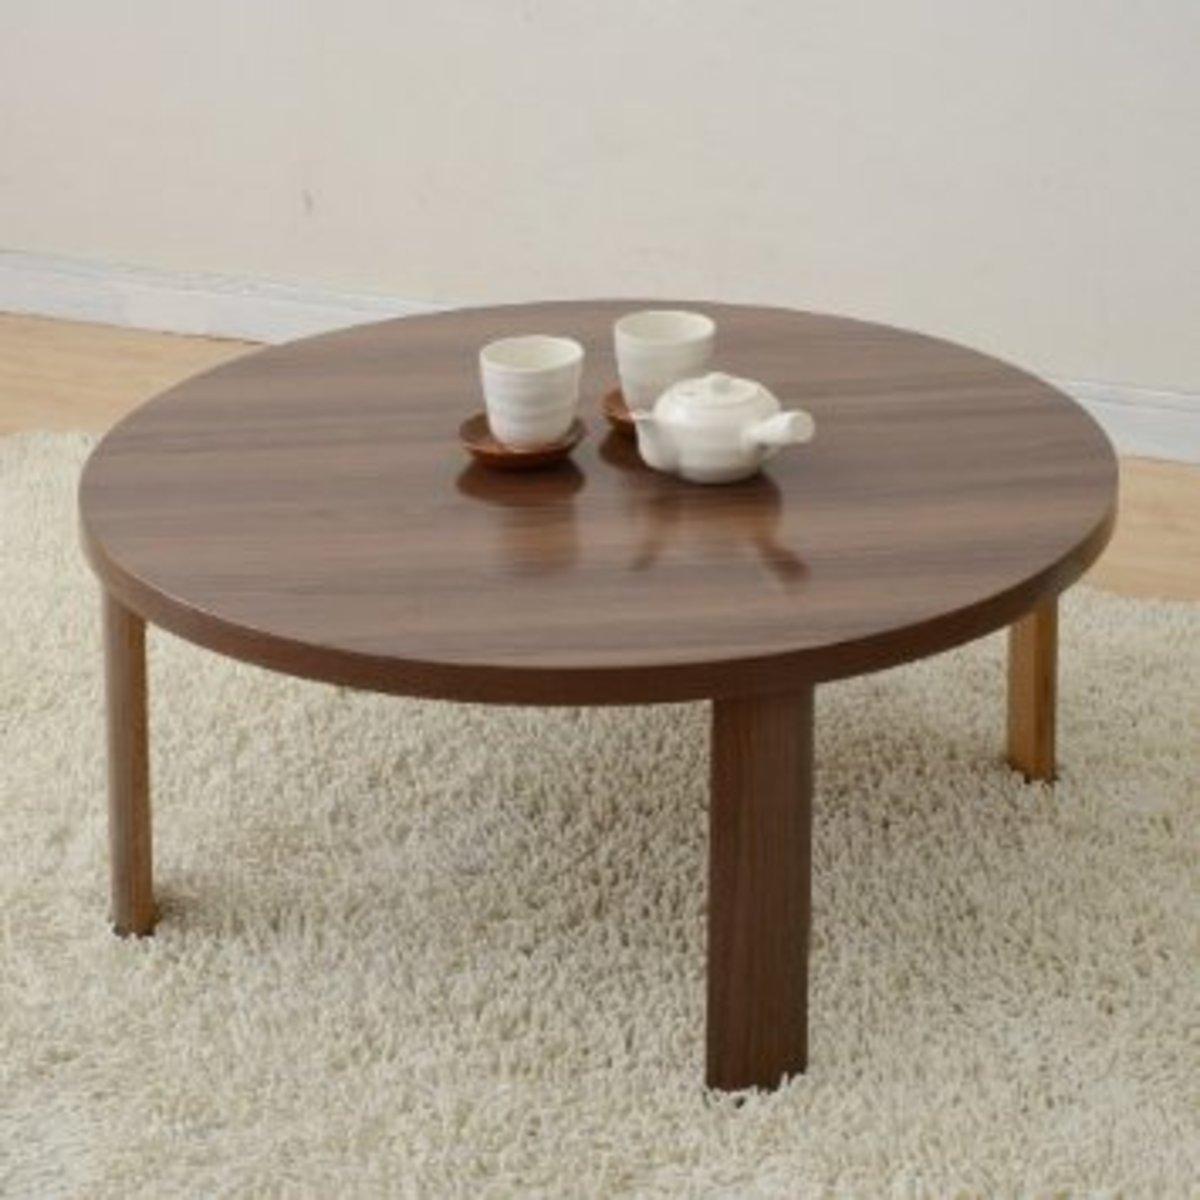 折疊茶几 80cm圓形 深木色